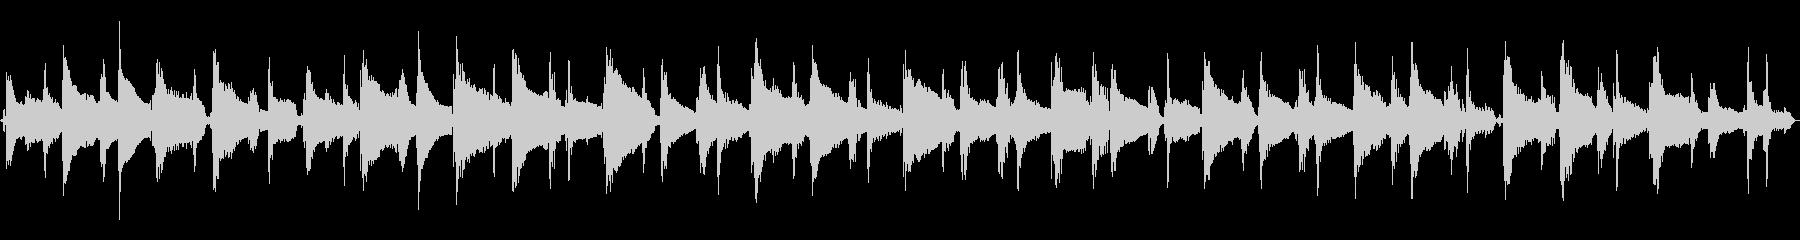 24秒ループ/可愛いウクレレポップスの未再生の波形